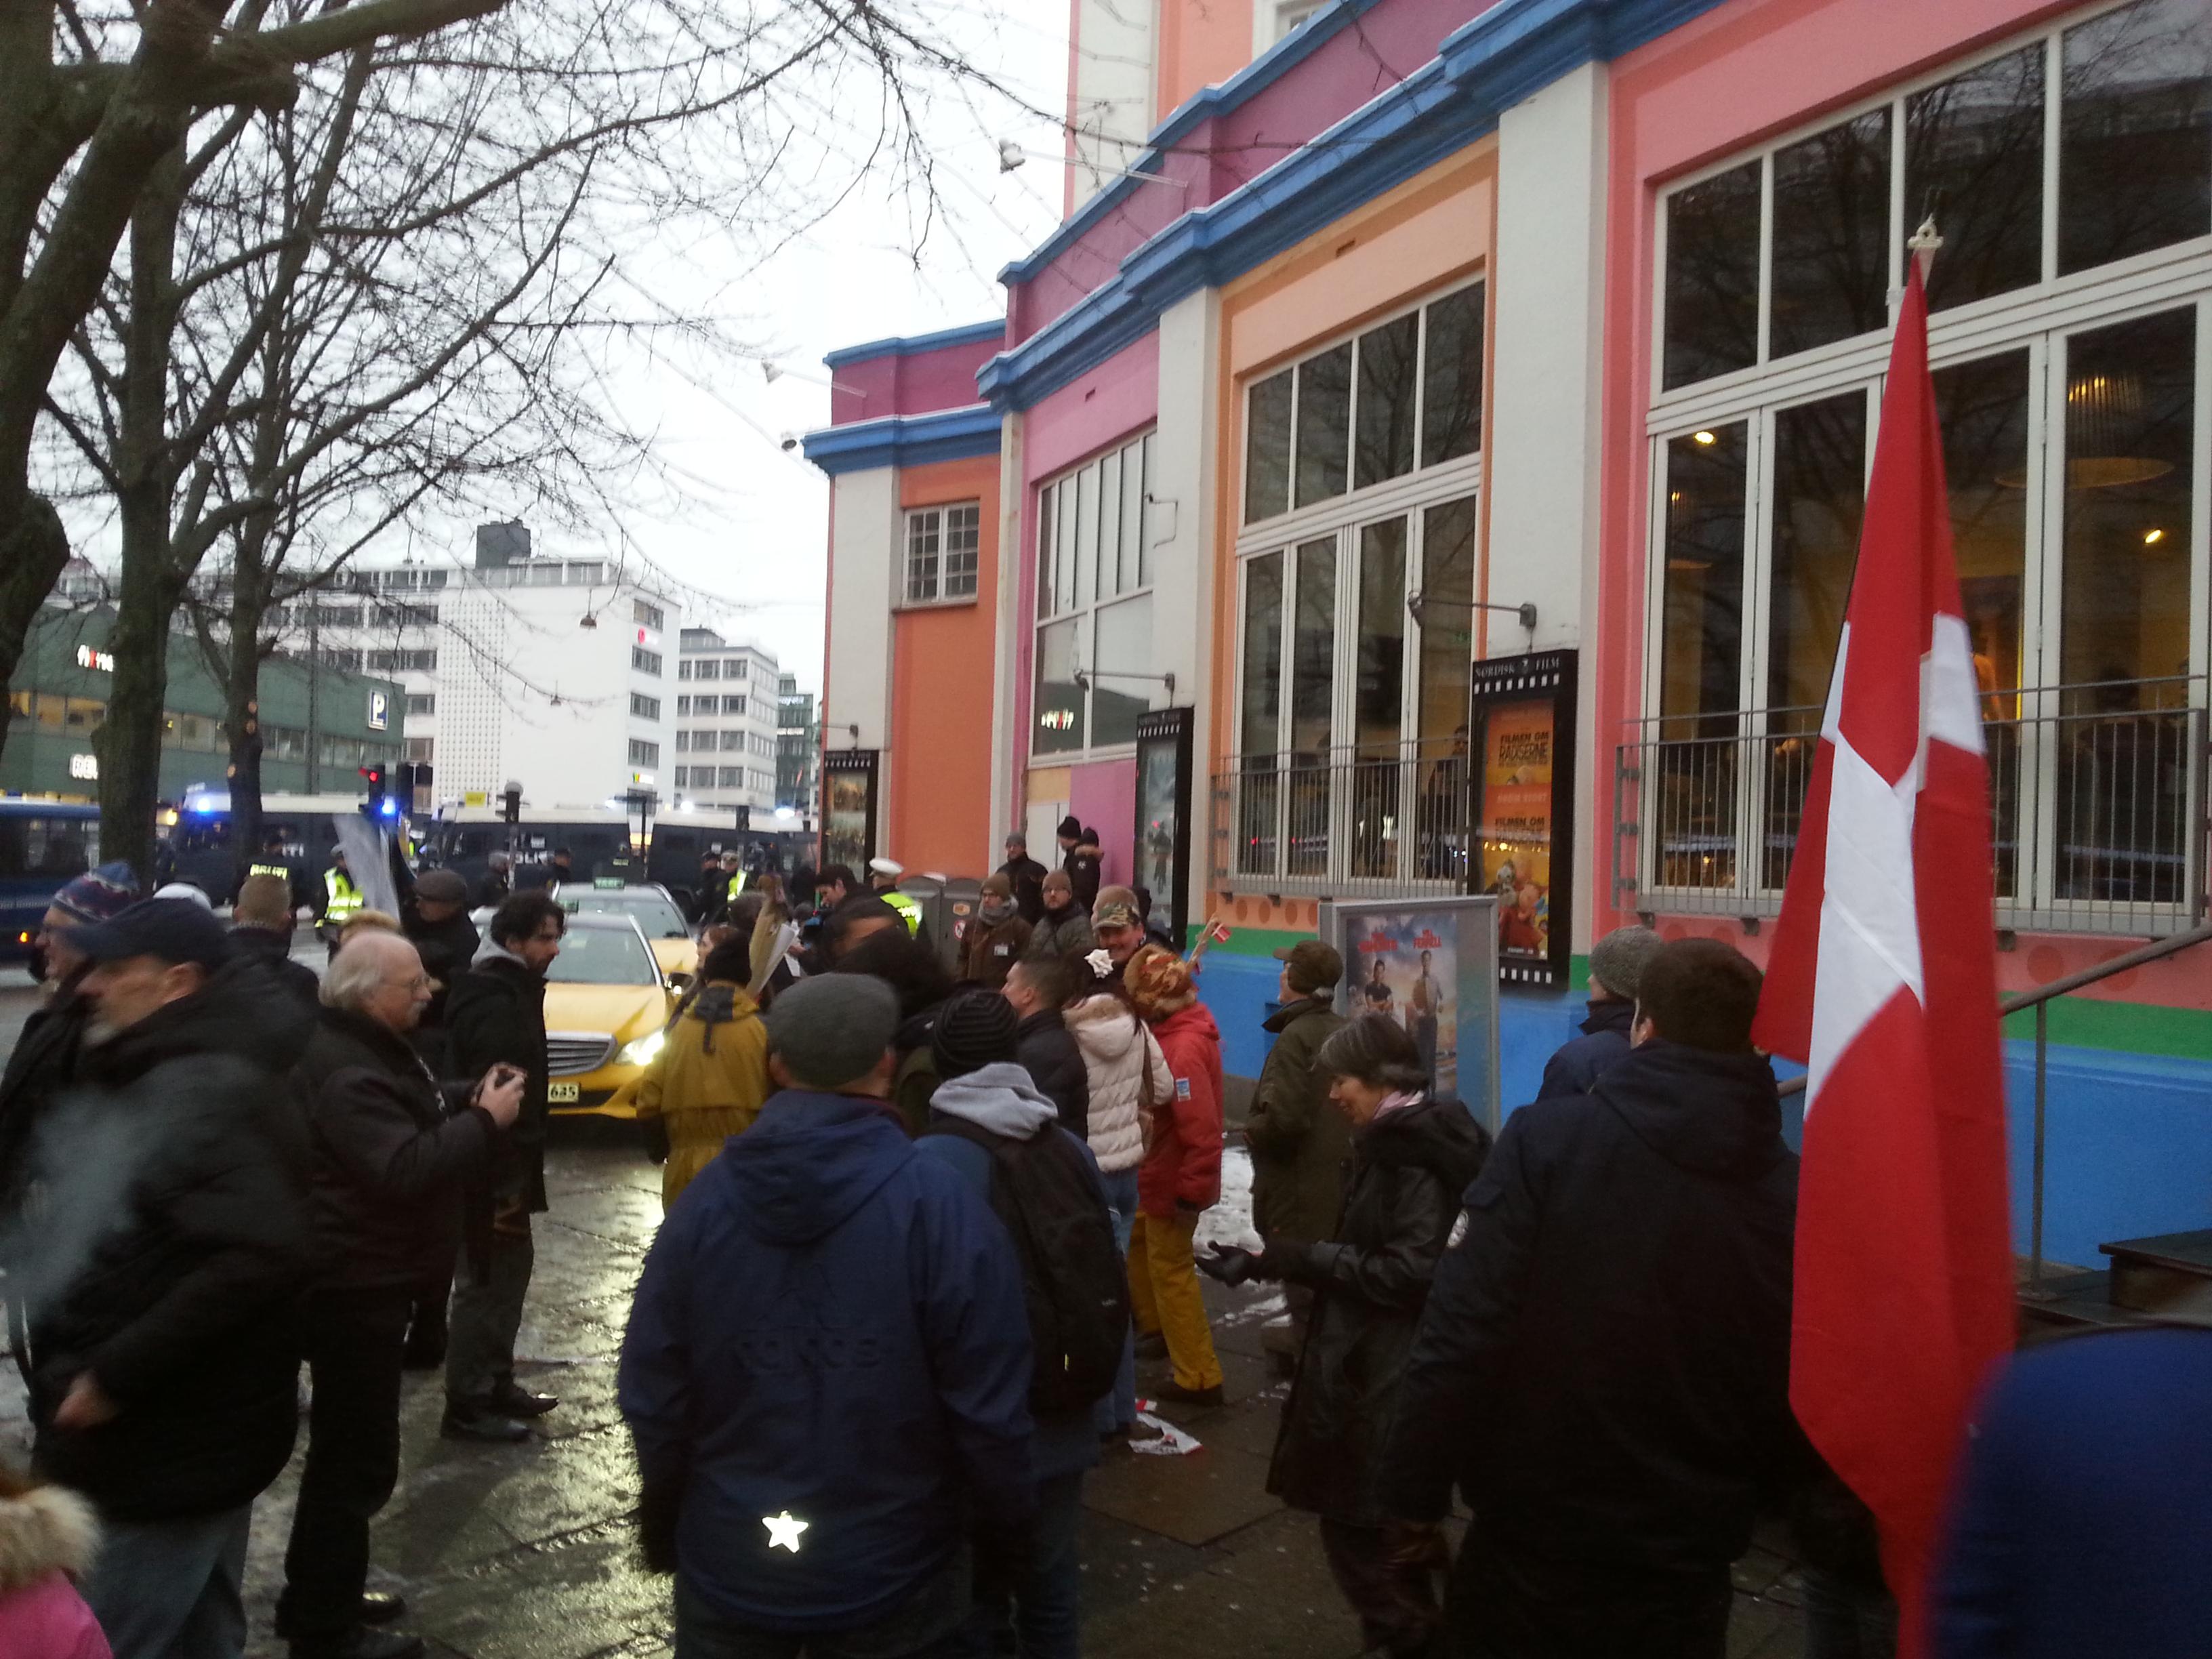 Copenhagen PEGIDA march